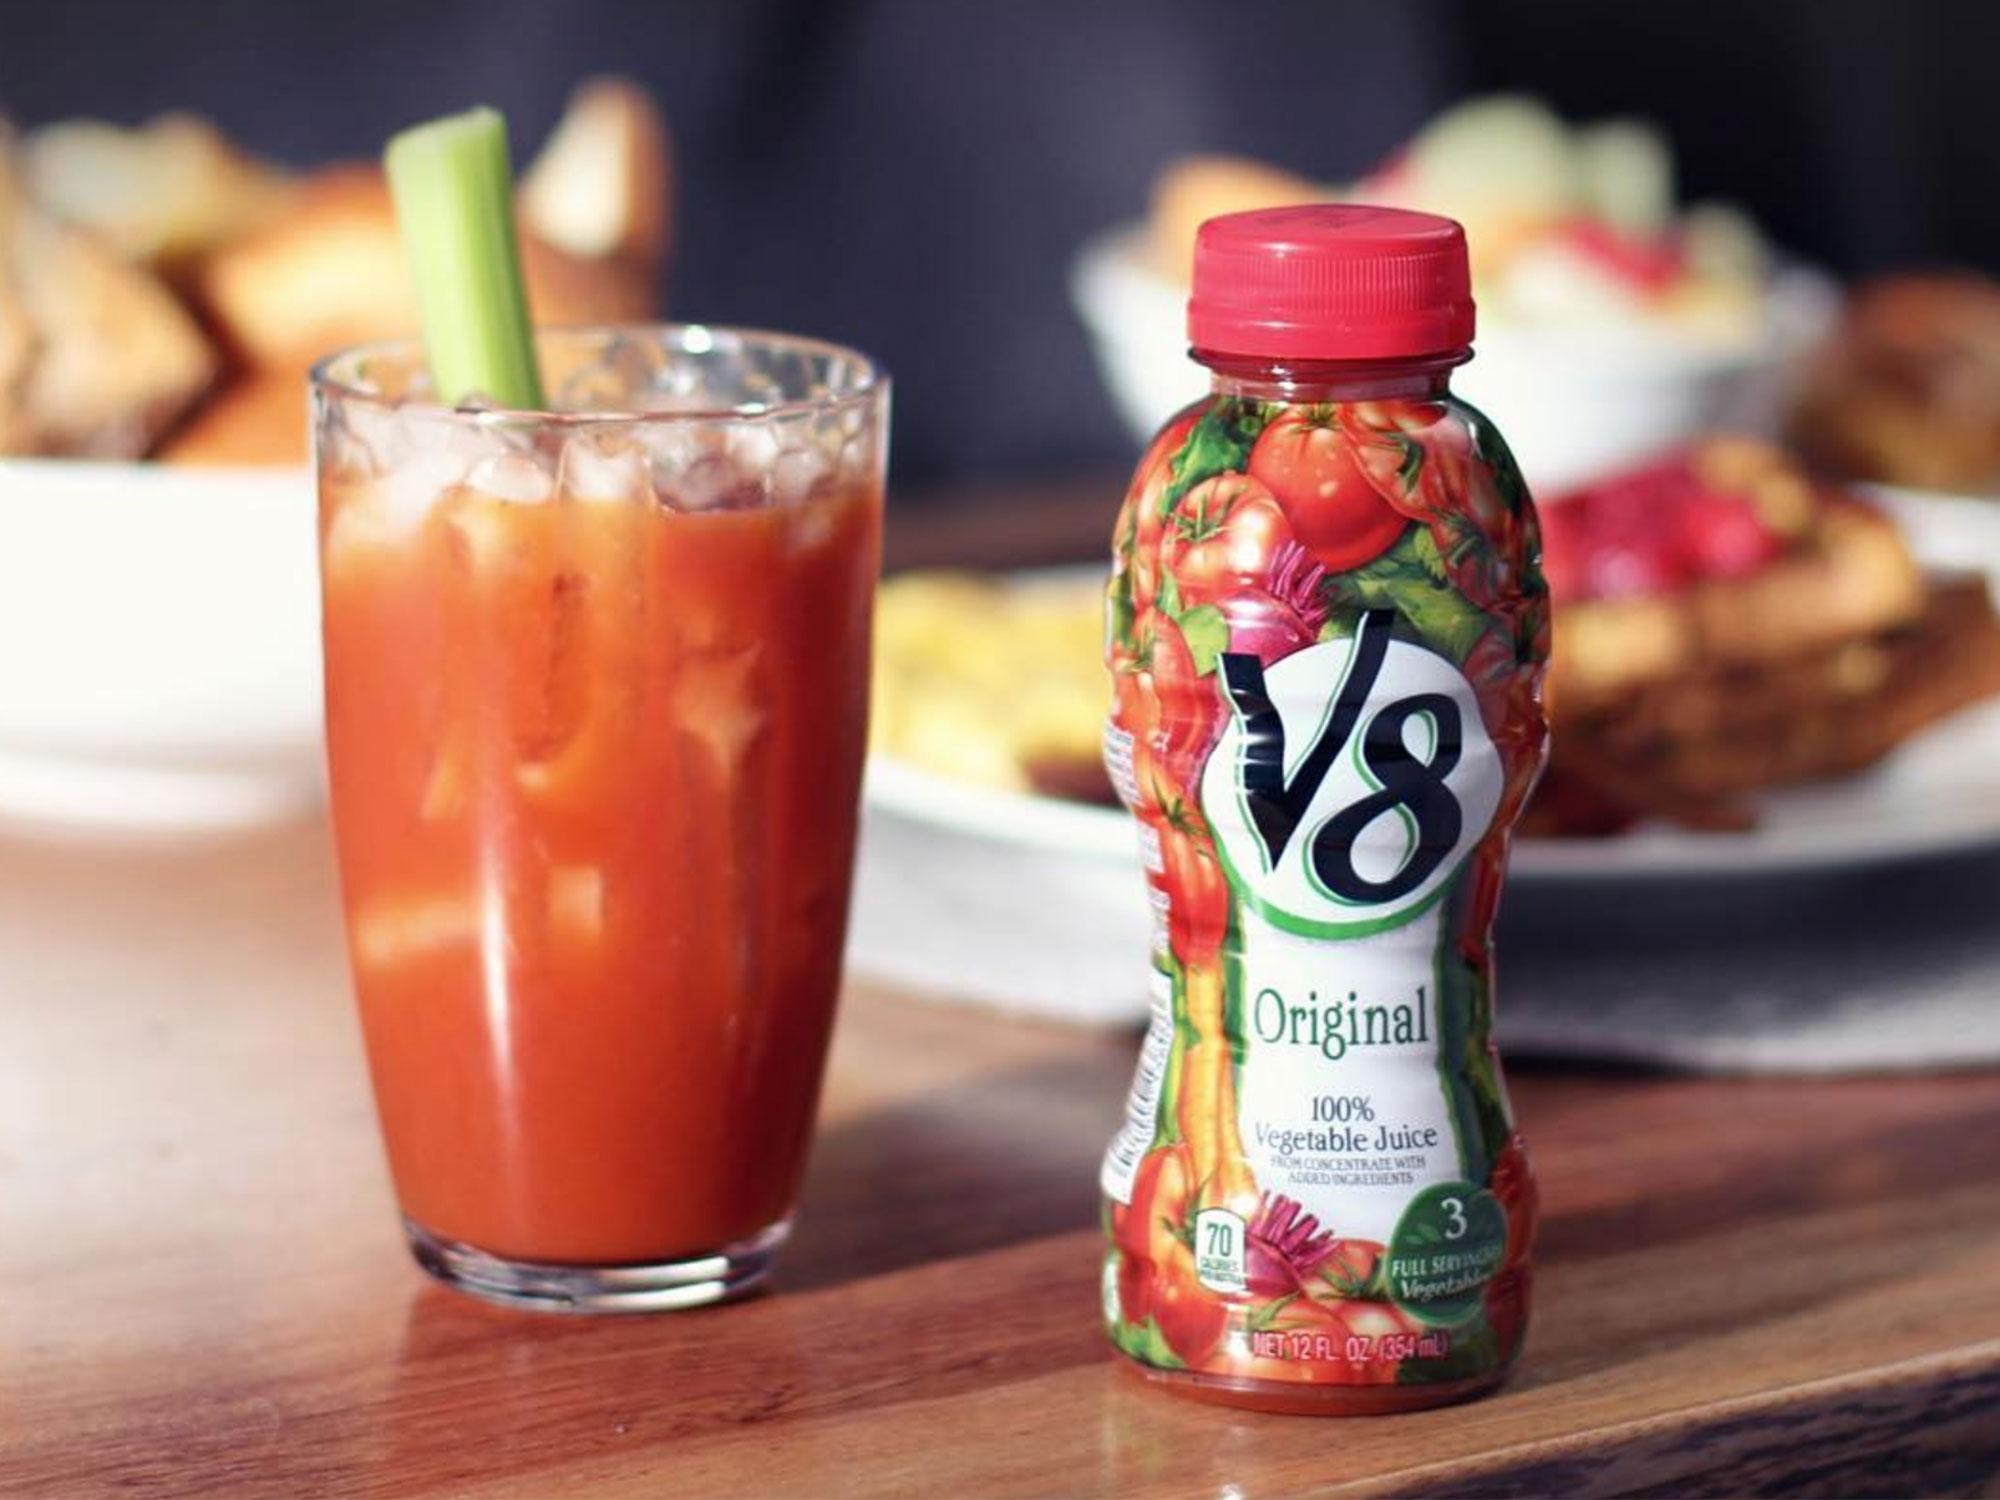 vegetable-juice-bloody-mary.jpg